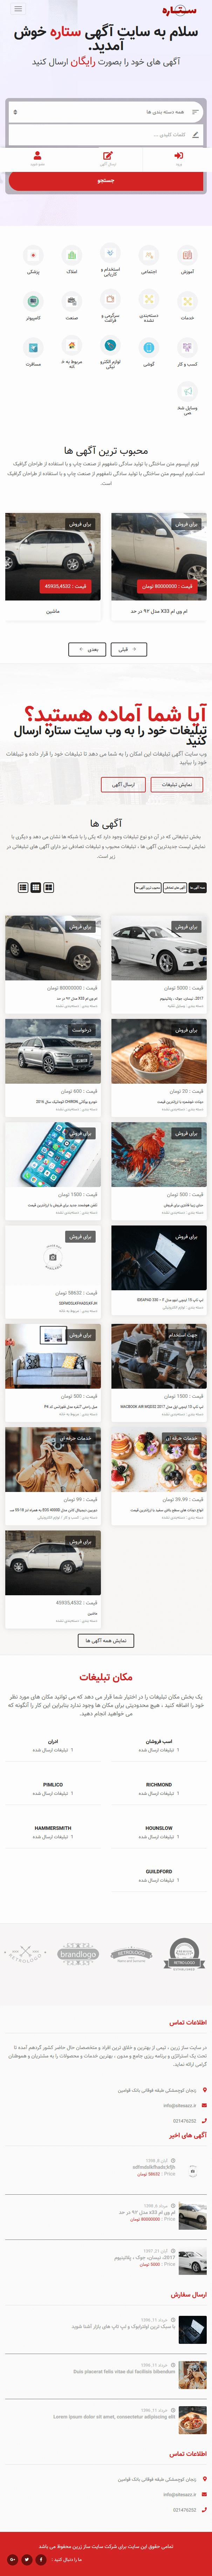 سایت آگهی ستاره در حالت موبایل